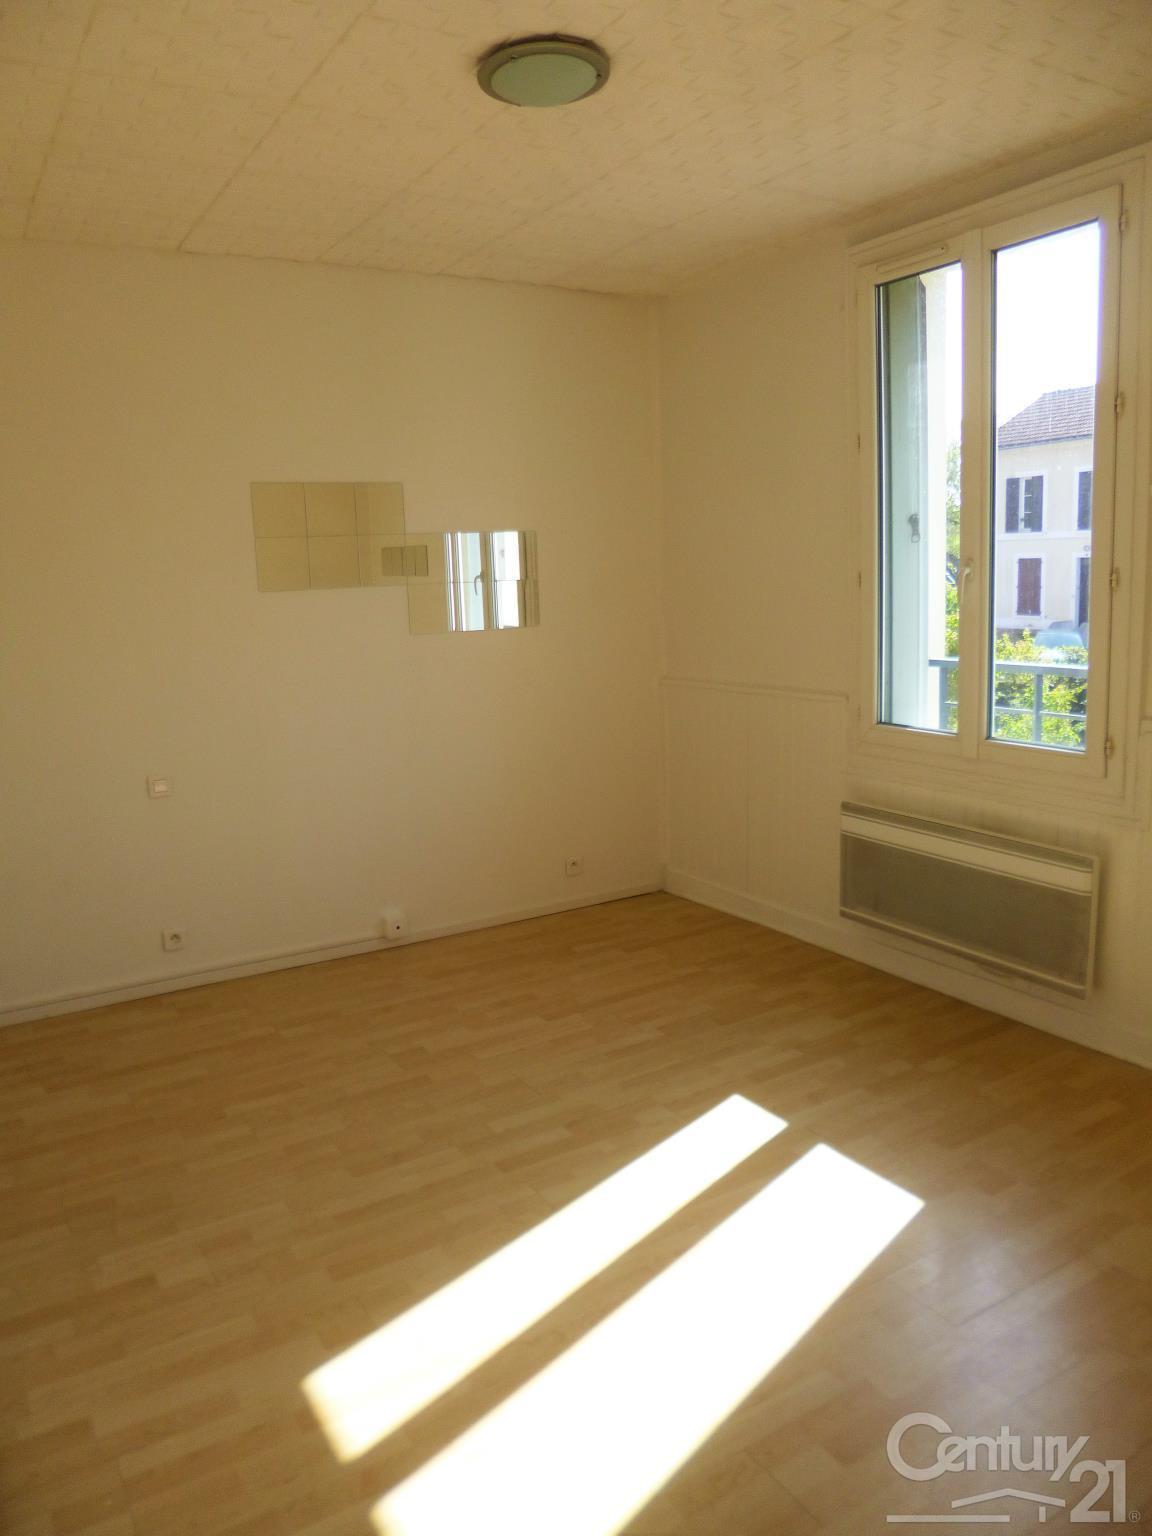 Appartement f1 louer 1 pi ce 17 m2 conflans ste for Appartement atypique a louer ile de france